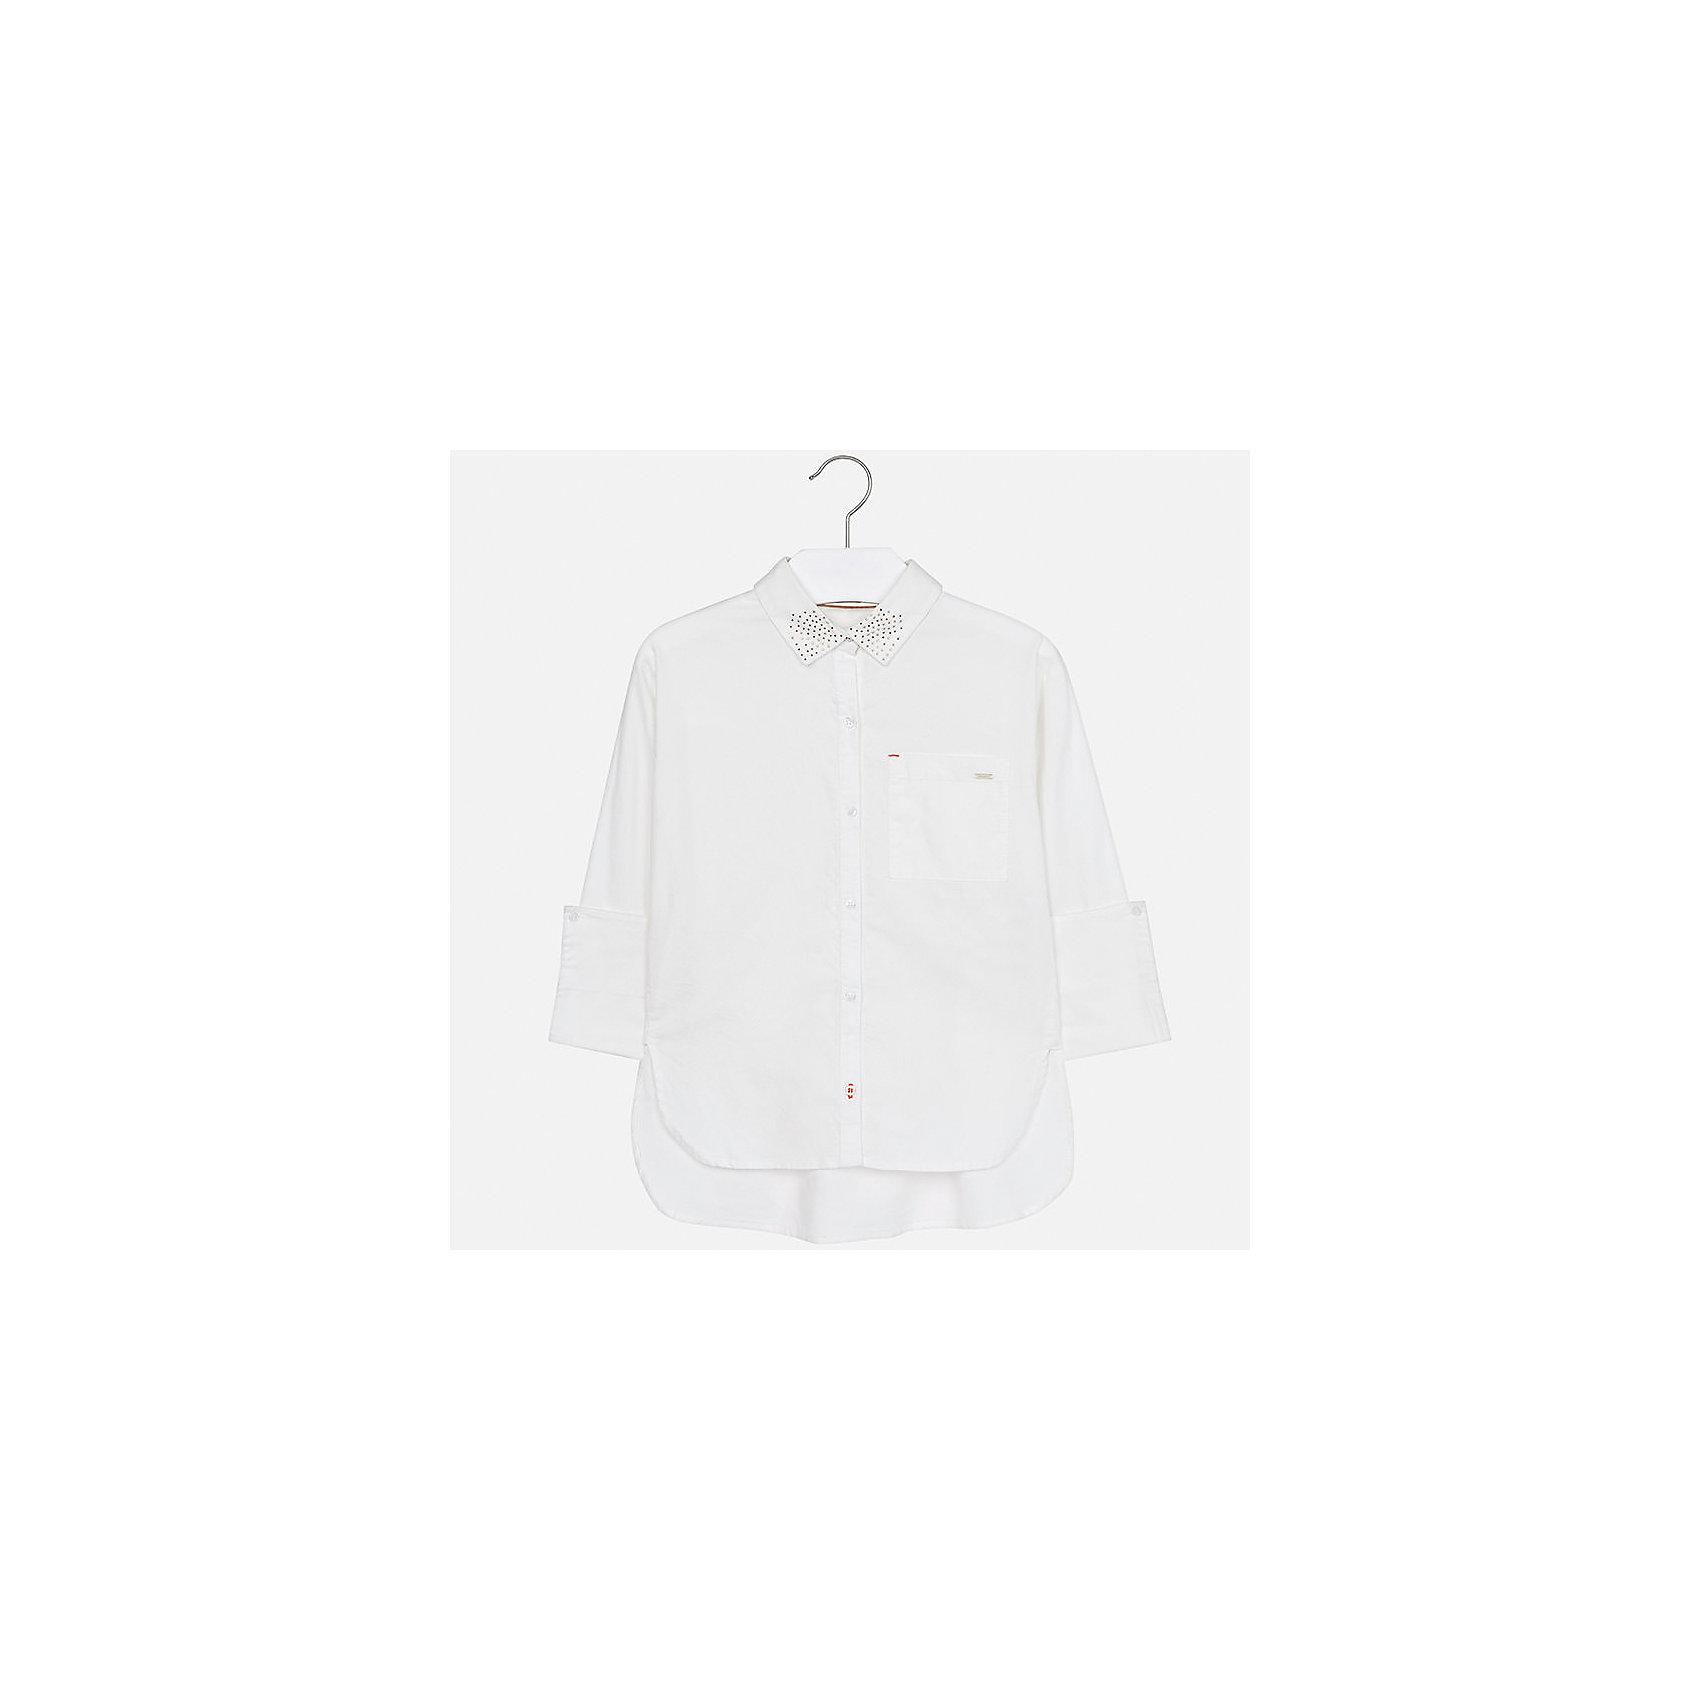 Рубашка Mayoral для девочкиБлузки и рубашки<br>Характеристики товара:<br><br>• цвет: бежевый<br>• состав ткани: 100% хлопок<br>• длинные рукава<br>• сезон: круглый год<br>• застежка: пуговицы<br>• страна бренда: Испания<br>• страна изготовитель: Индия<br><br>Бежевая блузка Mayoral обеспечит ребенку комфорт и сделает наряд оригинальным. Детская блузка для девочки от Майорал - одна из самых модных вещей наступающего сезона.<br><br>Детская одежда от испанской компании Mayoral отличаются оригинальным и всегда стильным дизайном. Качество продукции неизменно очень высокое.<br><br>Блузку для девочки Mayoral (Майорал) можно купить в нашем интернет-магазине.<br><br>Ширина мм: 186<br>Глубина мм: 87<br>Высота мм: 198<br>Вес г: 197<br>Цвет: бежевый<br>Возраст от месяцев: 96<br>Возраст до месяцев: 108<br>Пол: Женский<br>Возраст: Детский<br>Размер: 128/134,170,140,152,158,164<br>SKU: 6921711